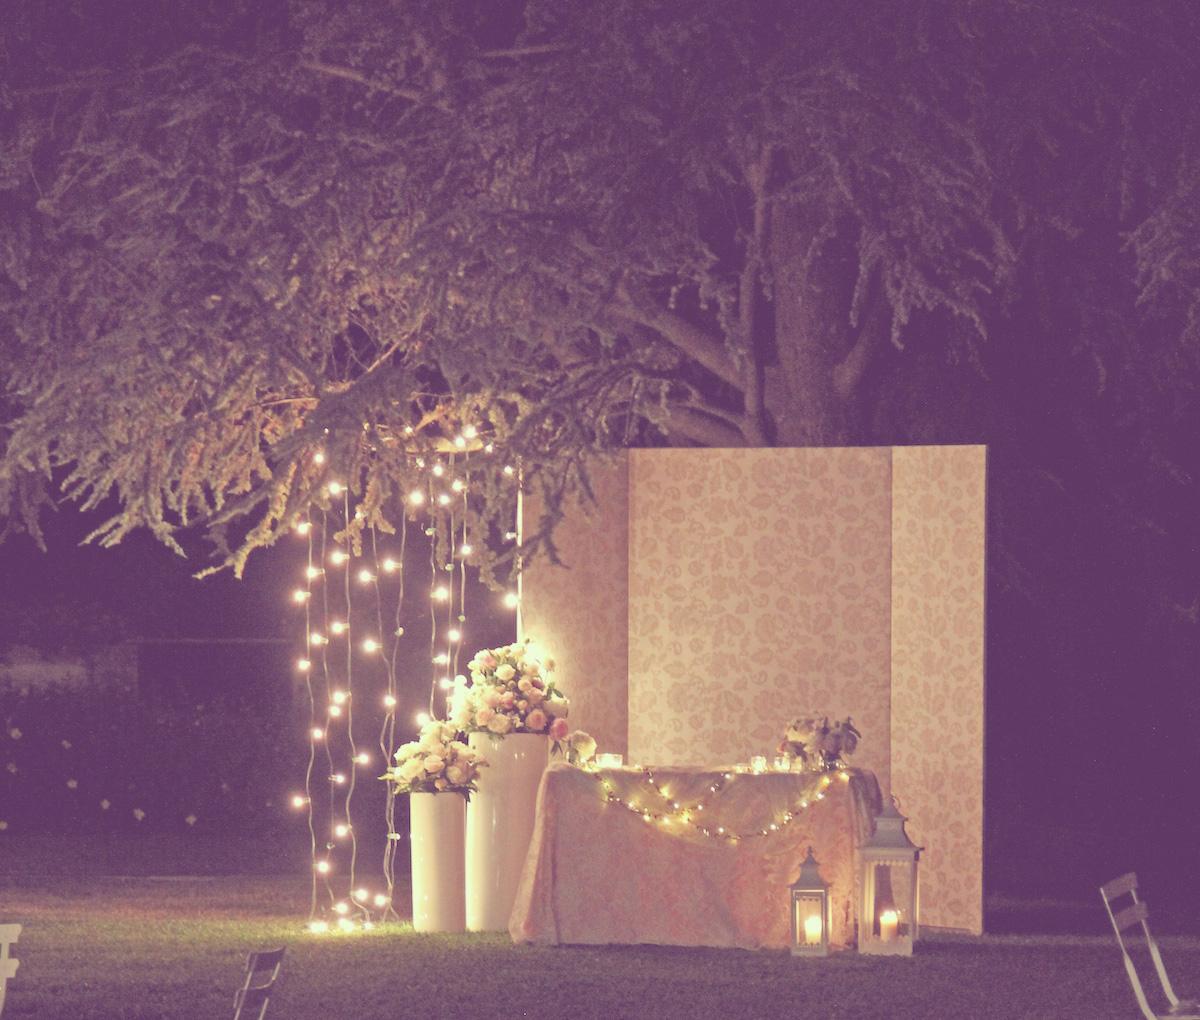 010-wedding-lake-garda-by-night